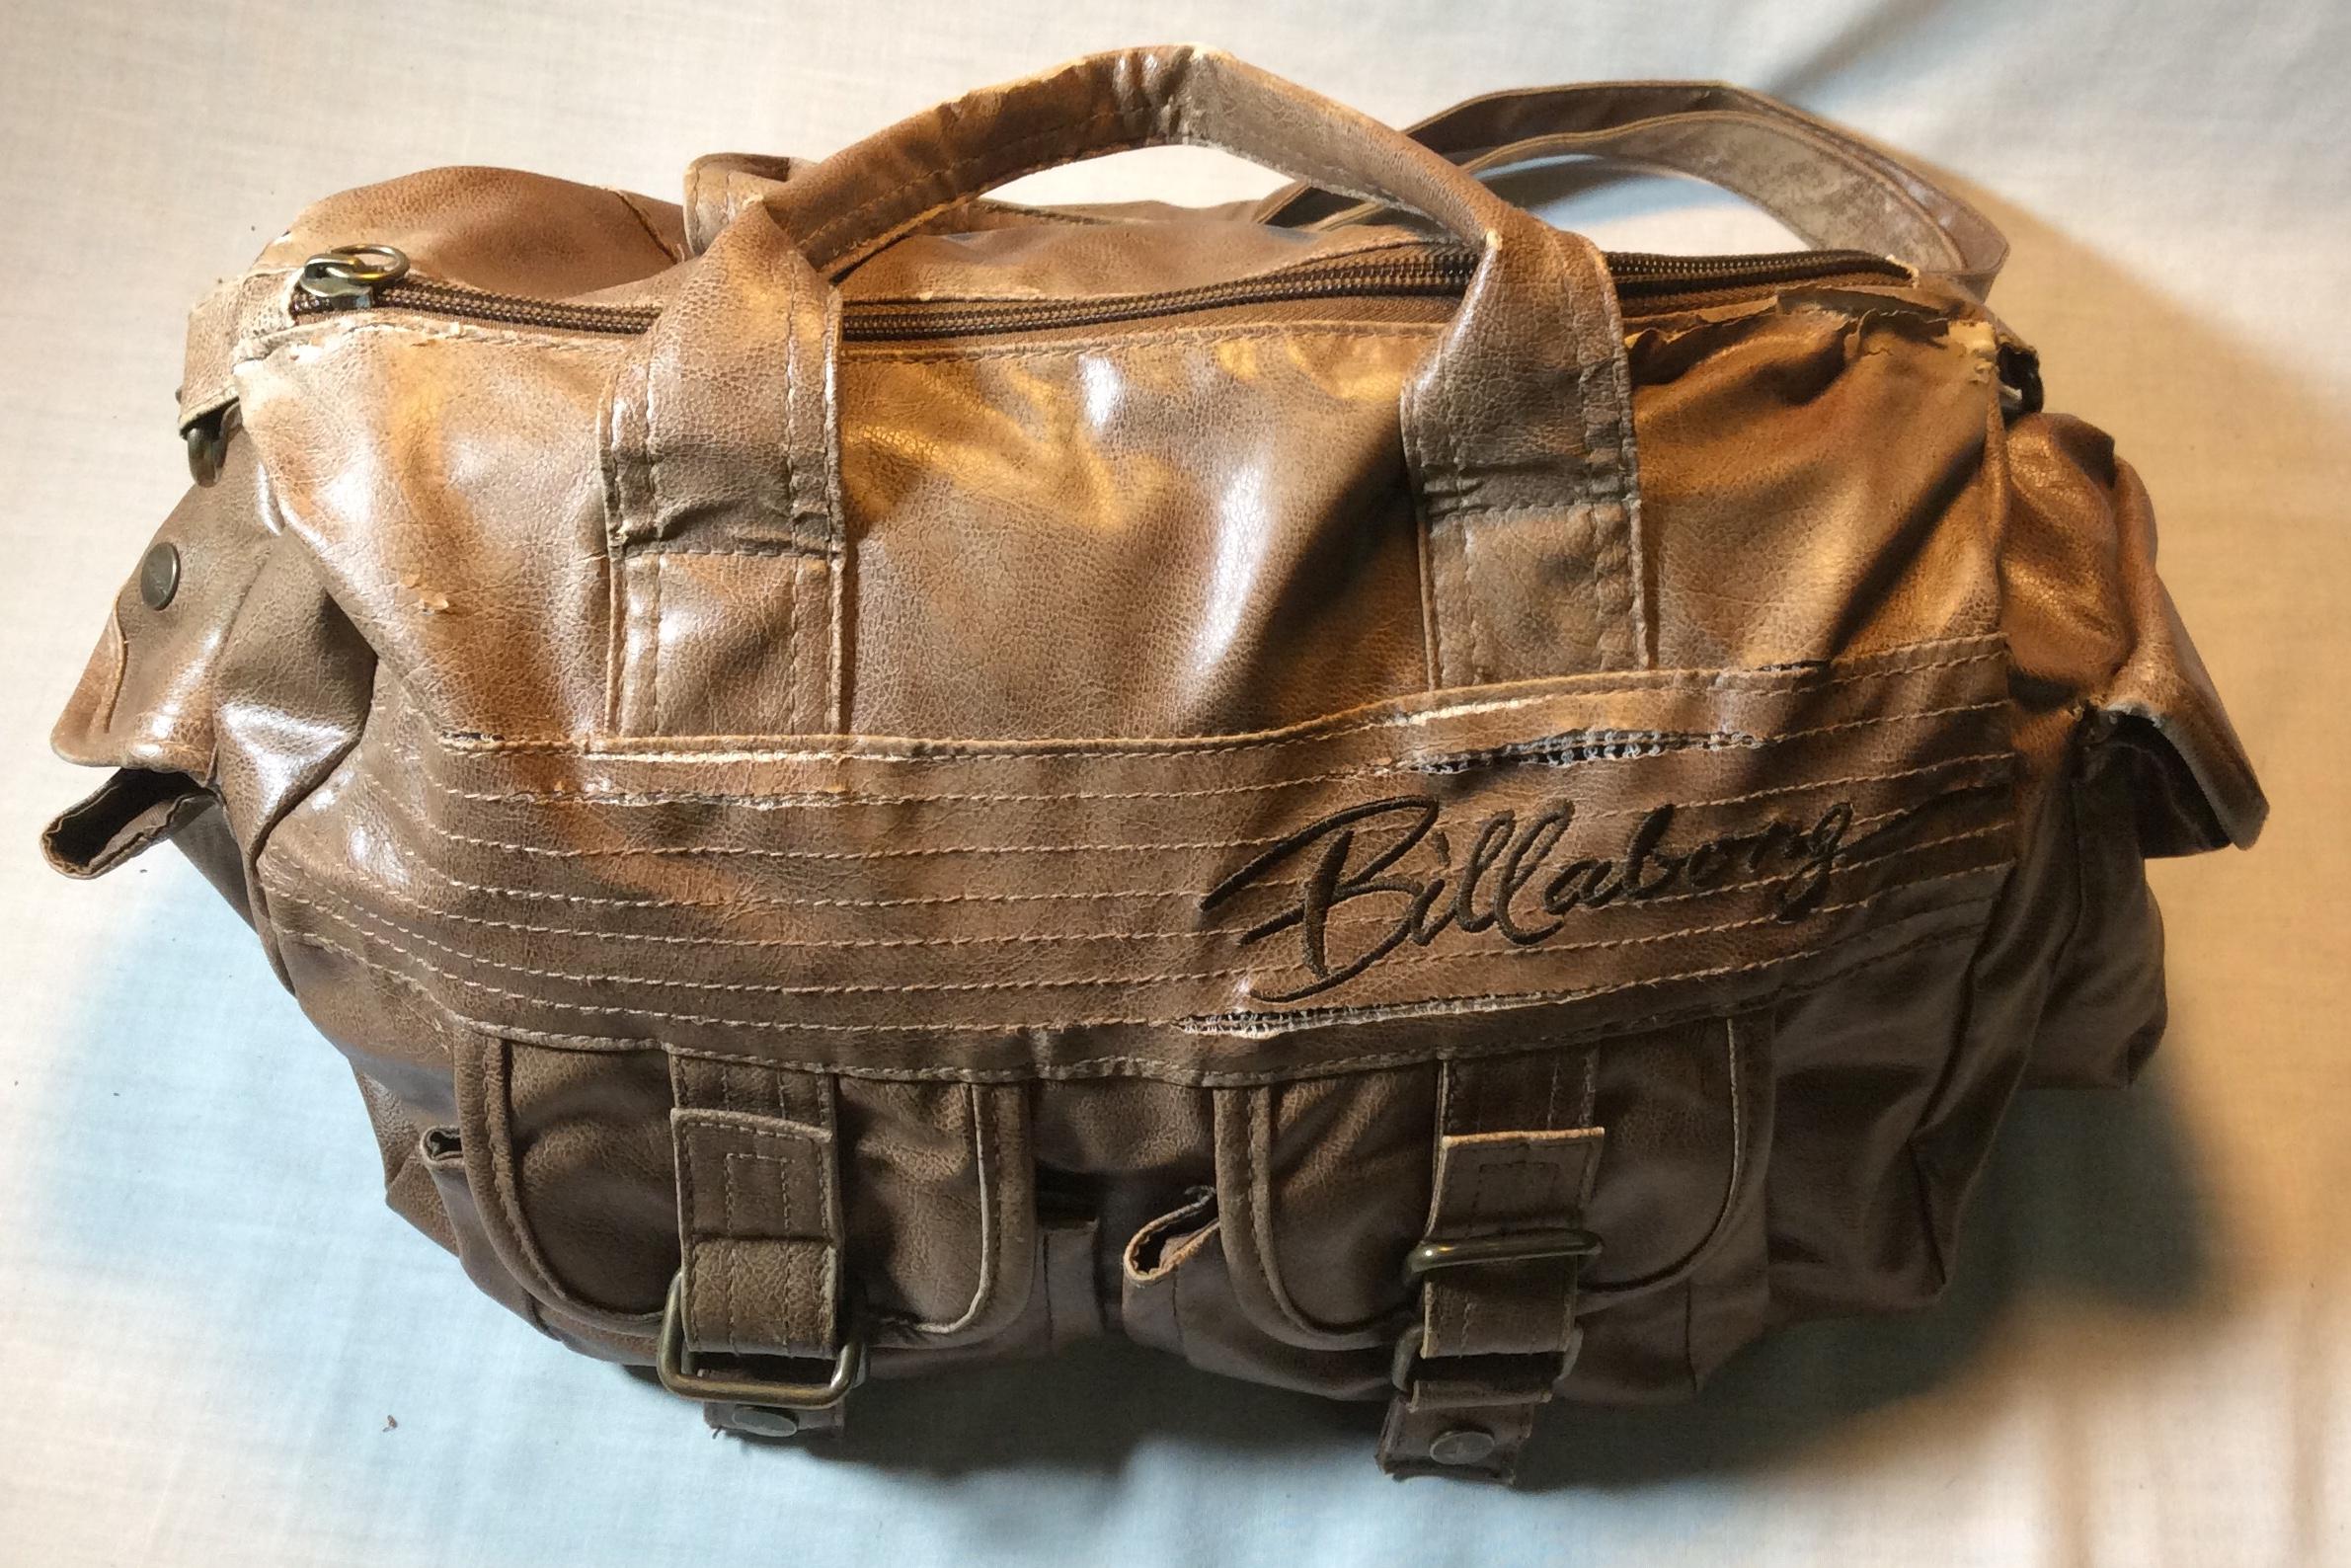 Older Leather Billabong Handbag